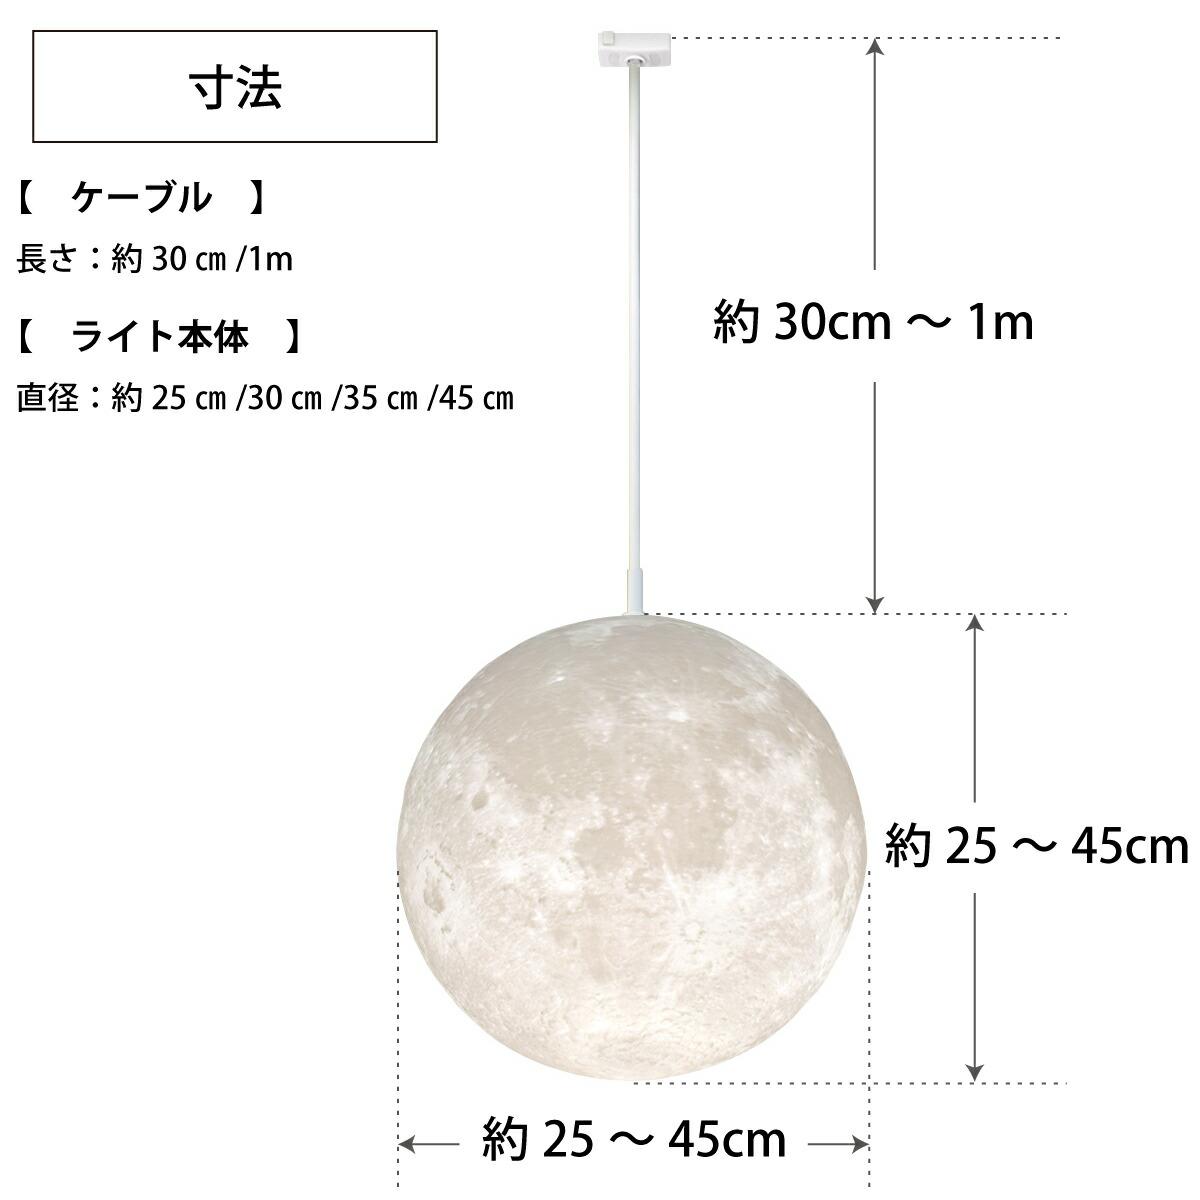 月ペンダントライトの寸法